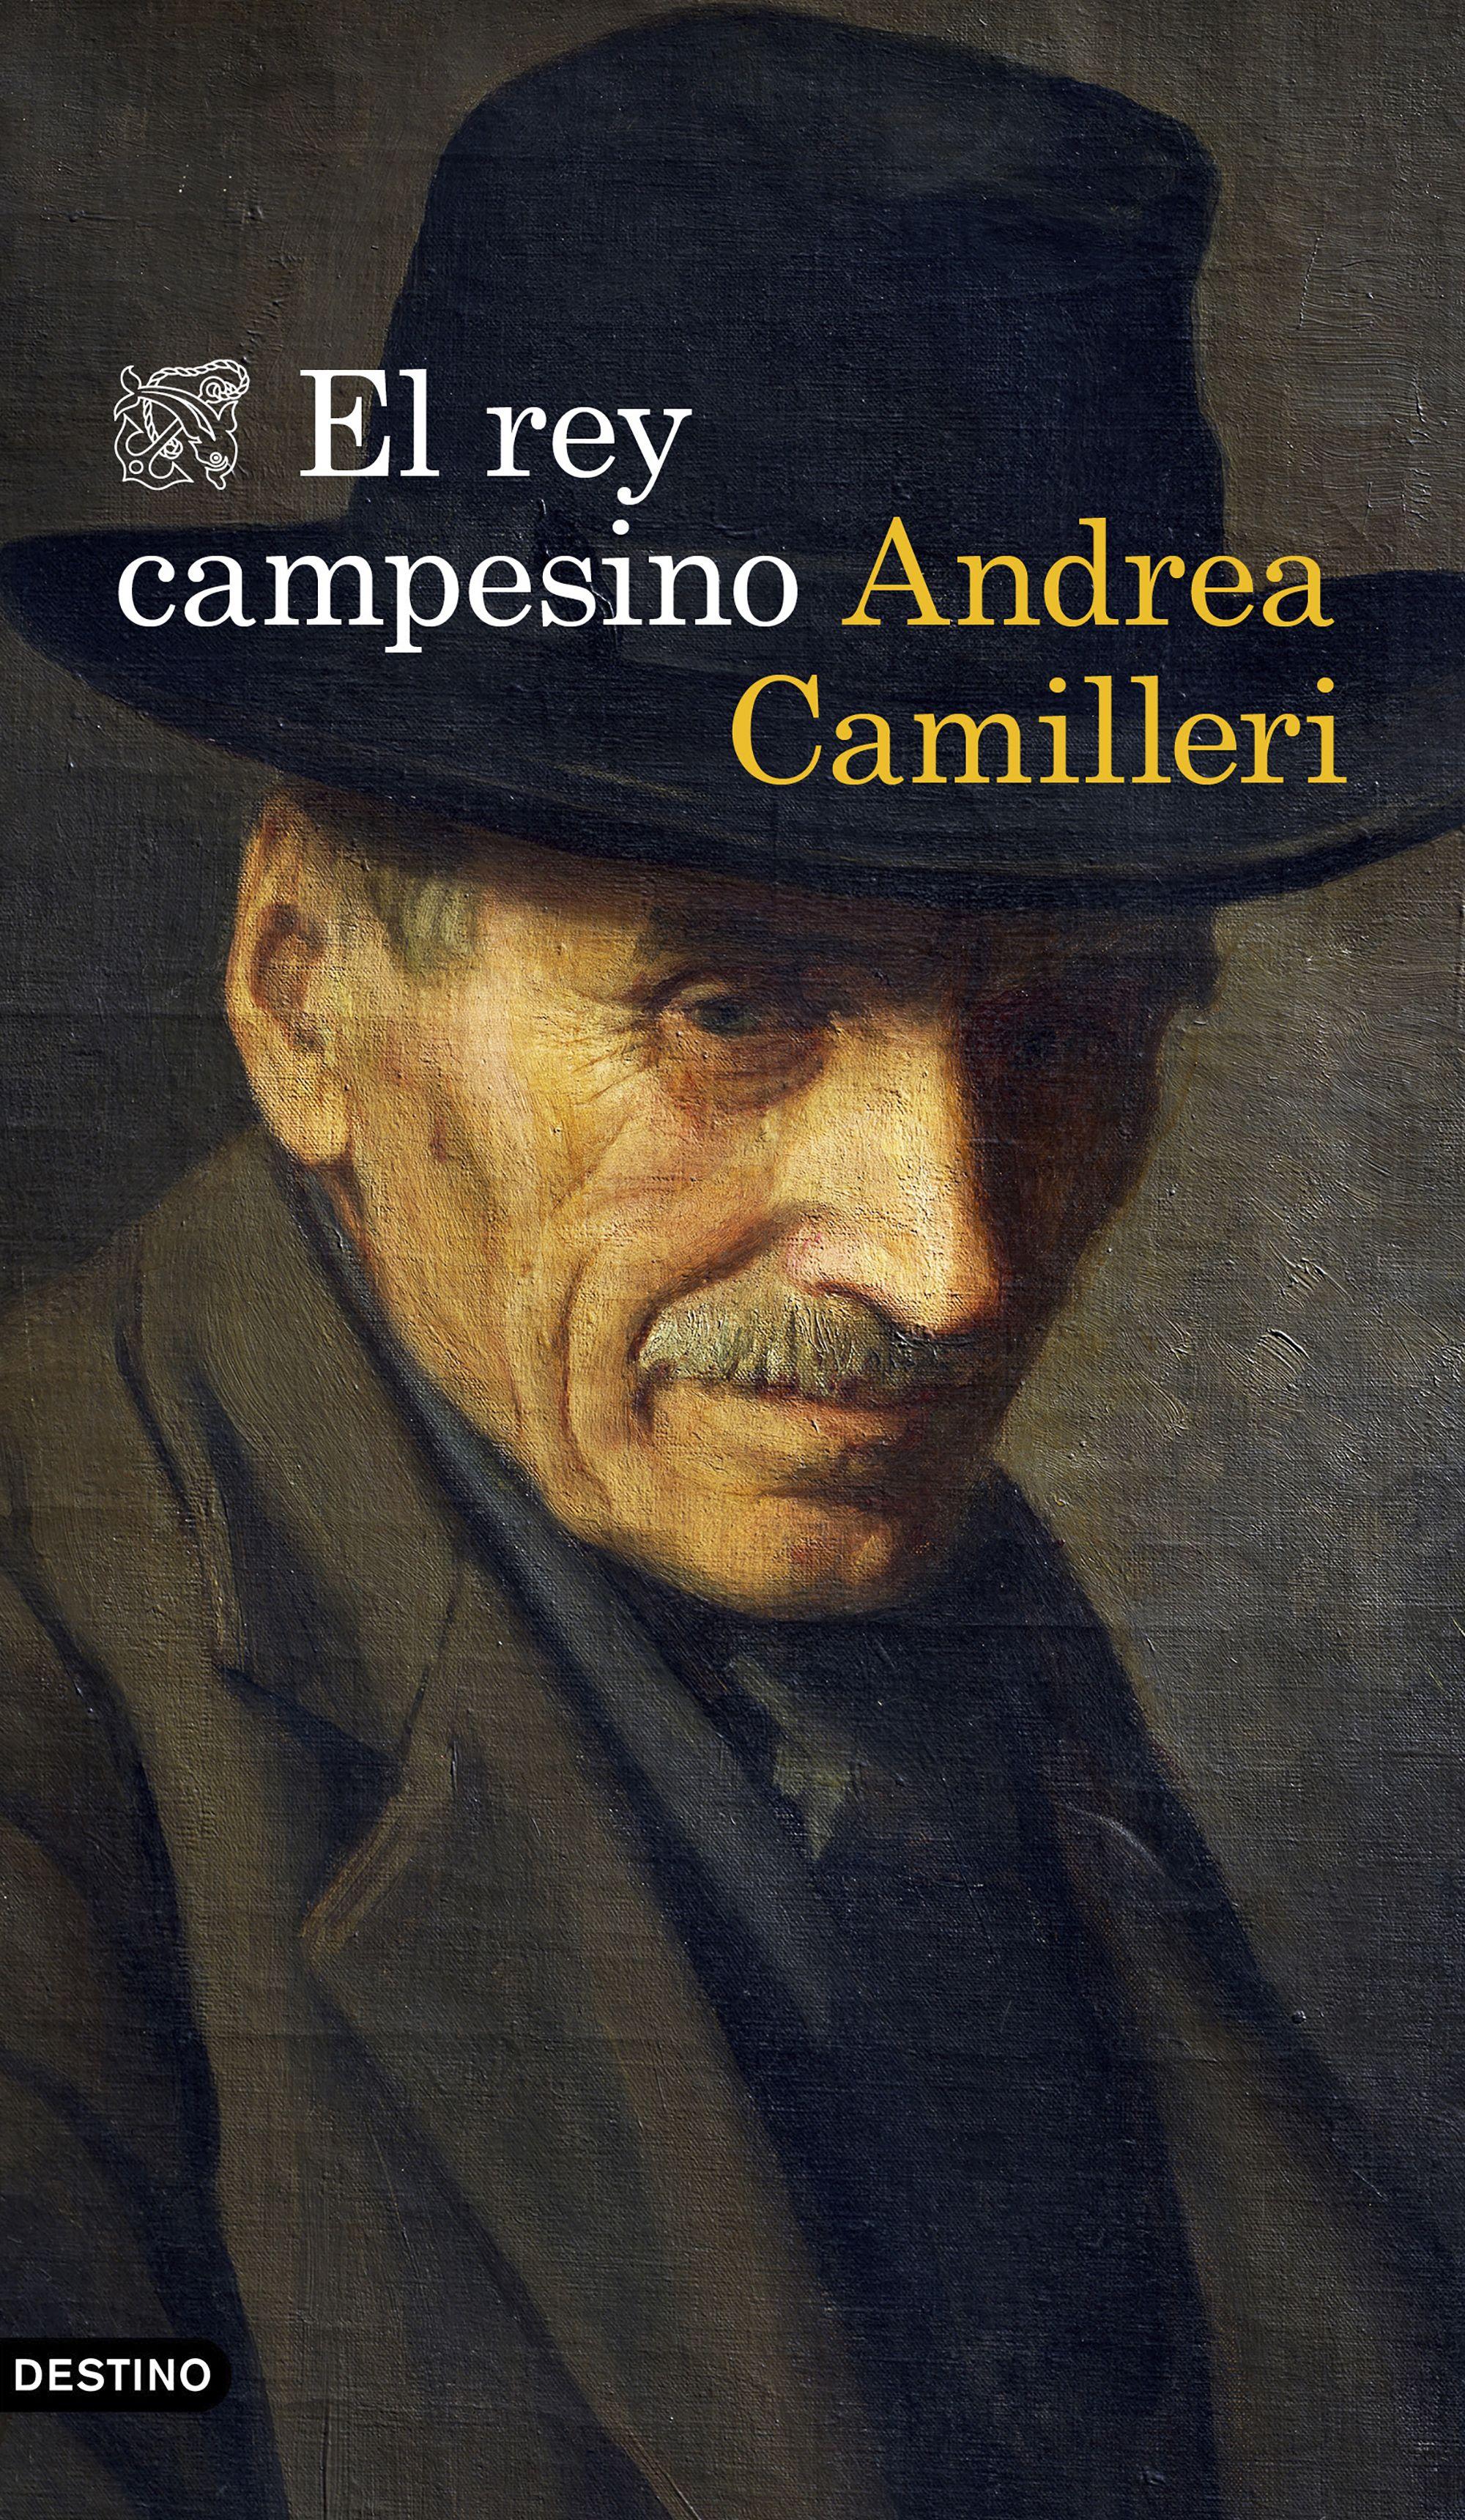 El rey campesino, de Andrea Camilleri